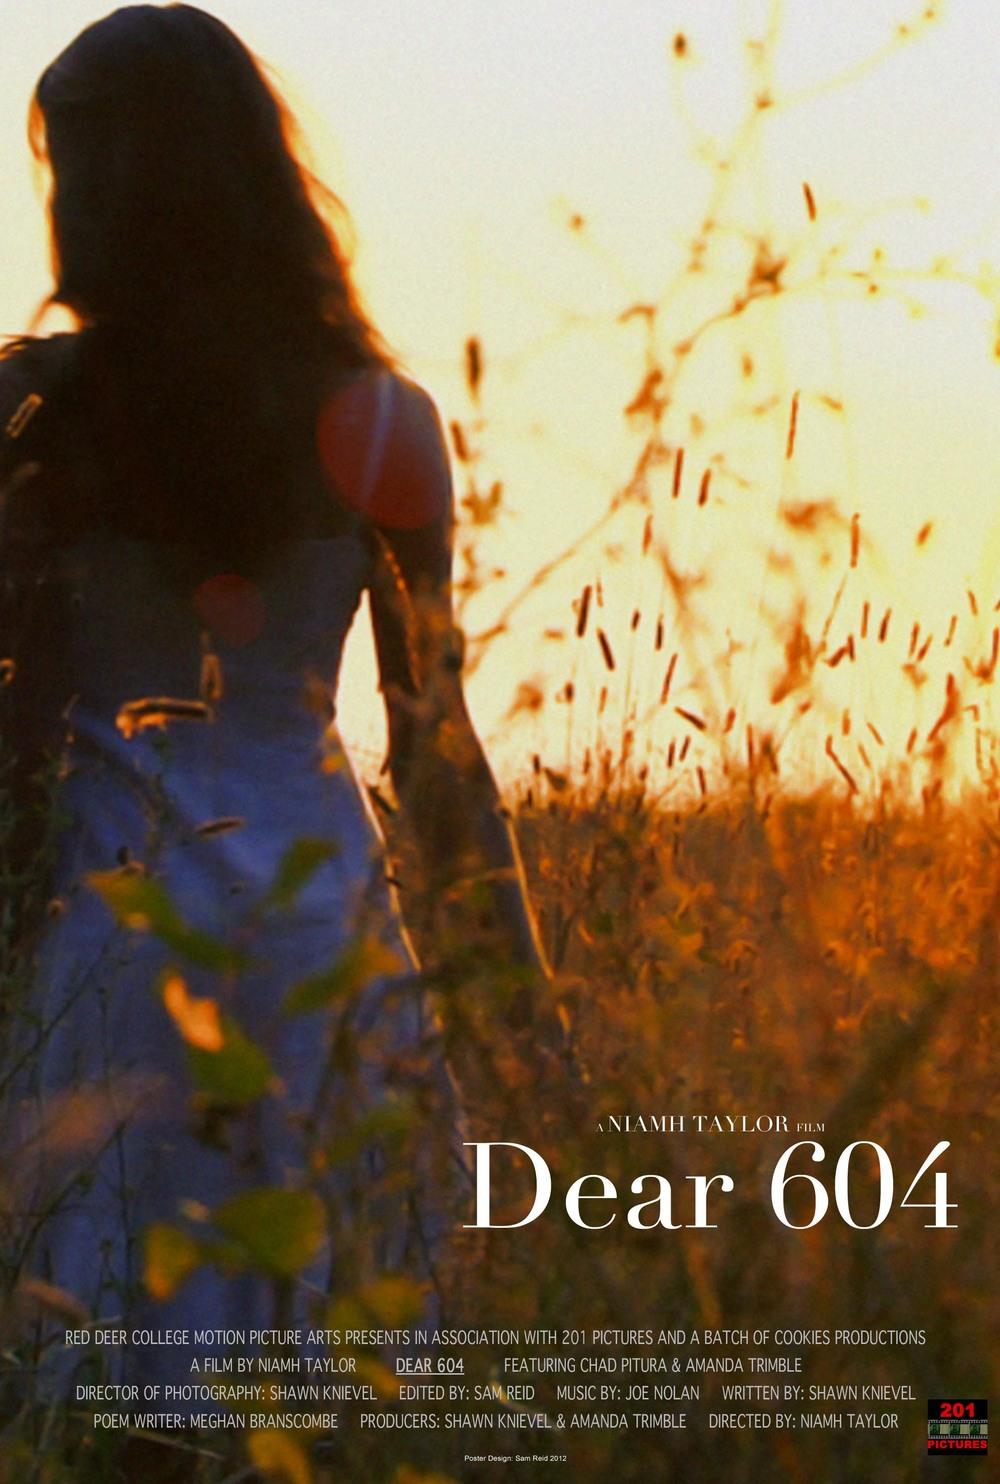 dear 604 poster 1a.jpg